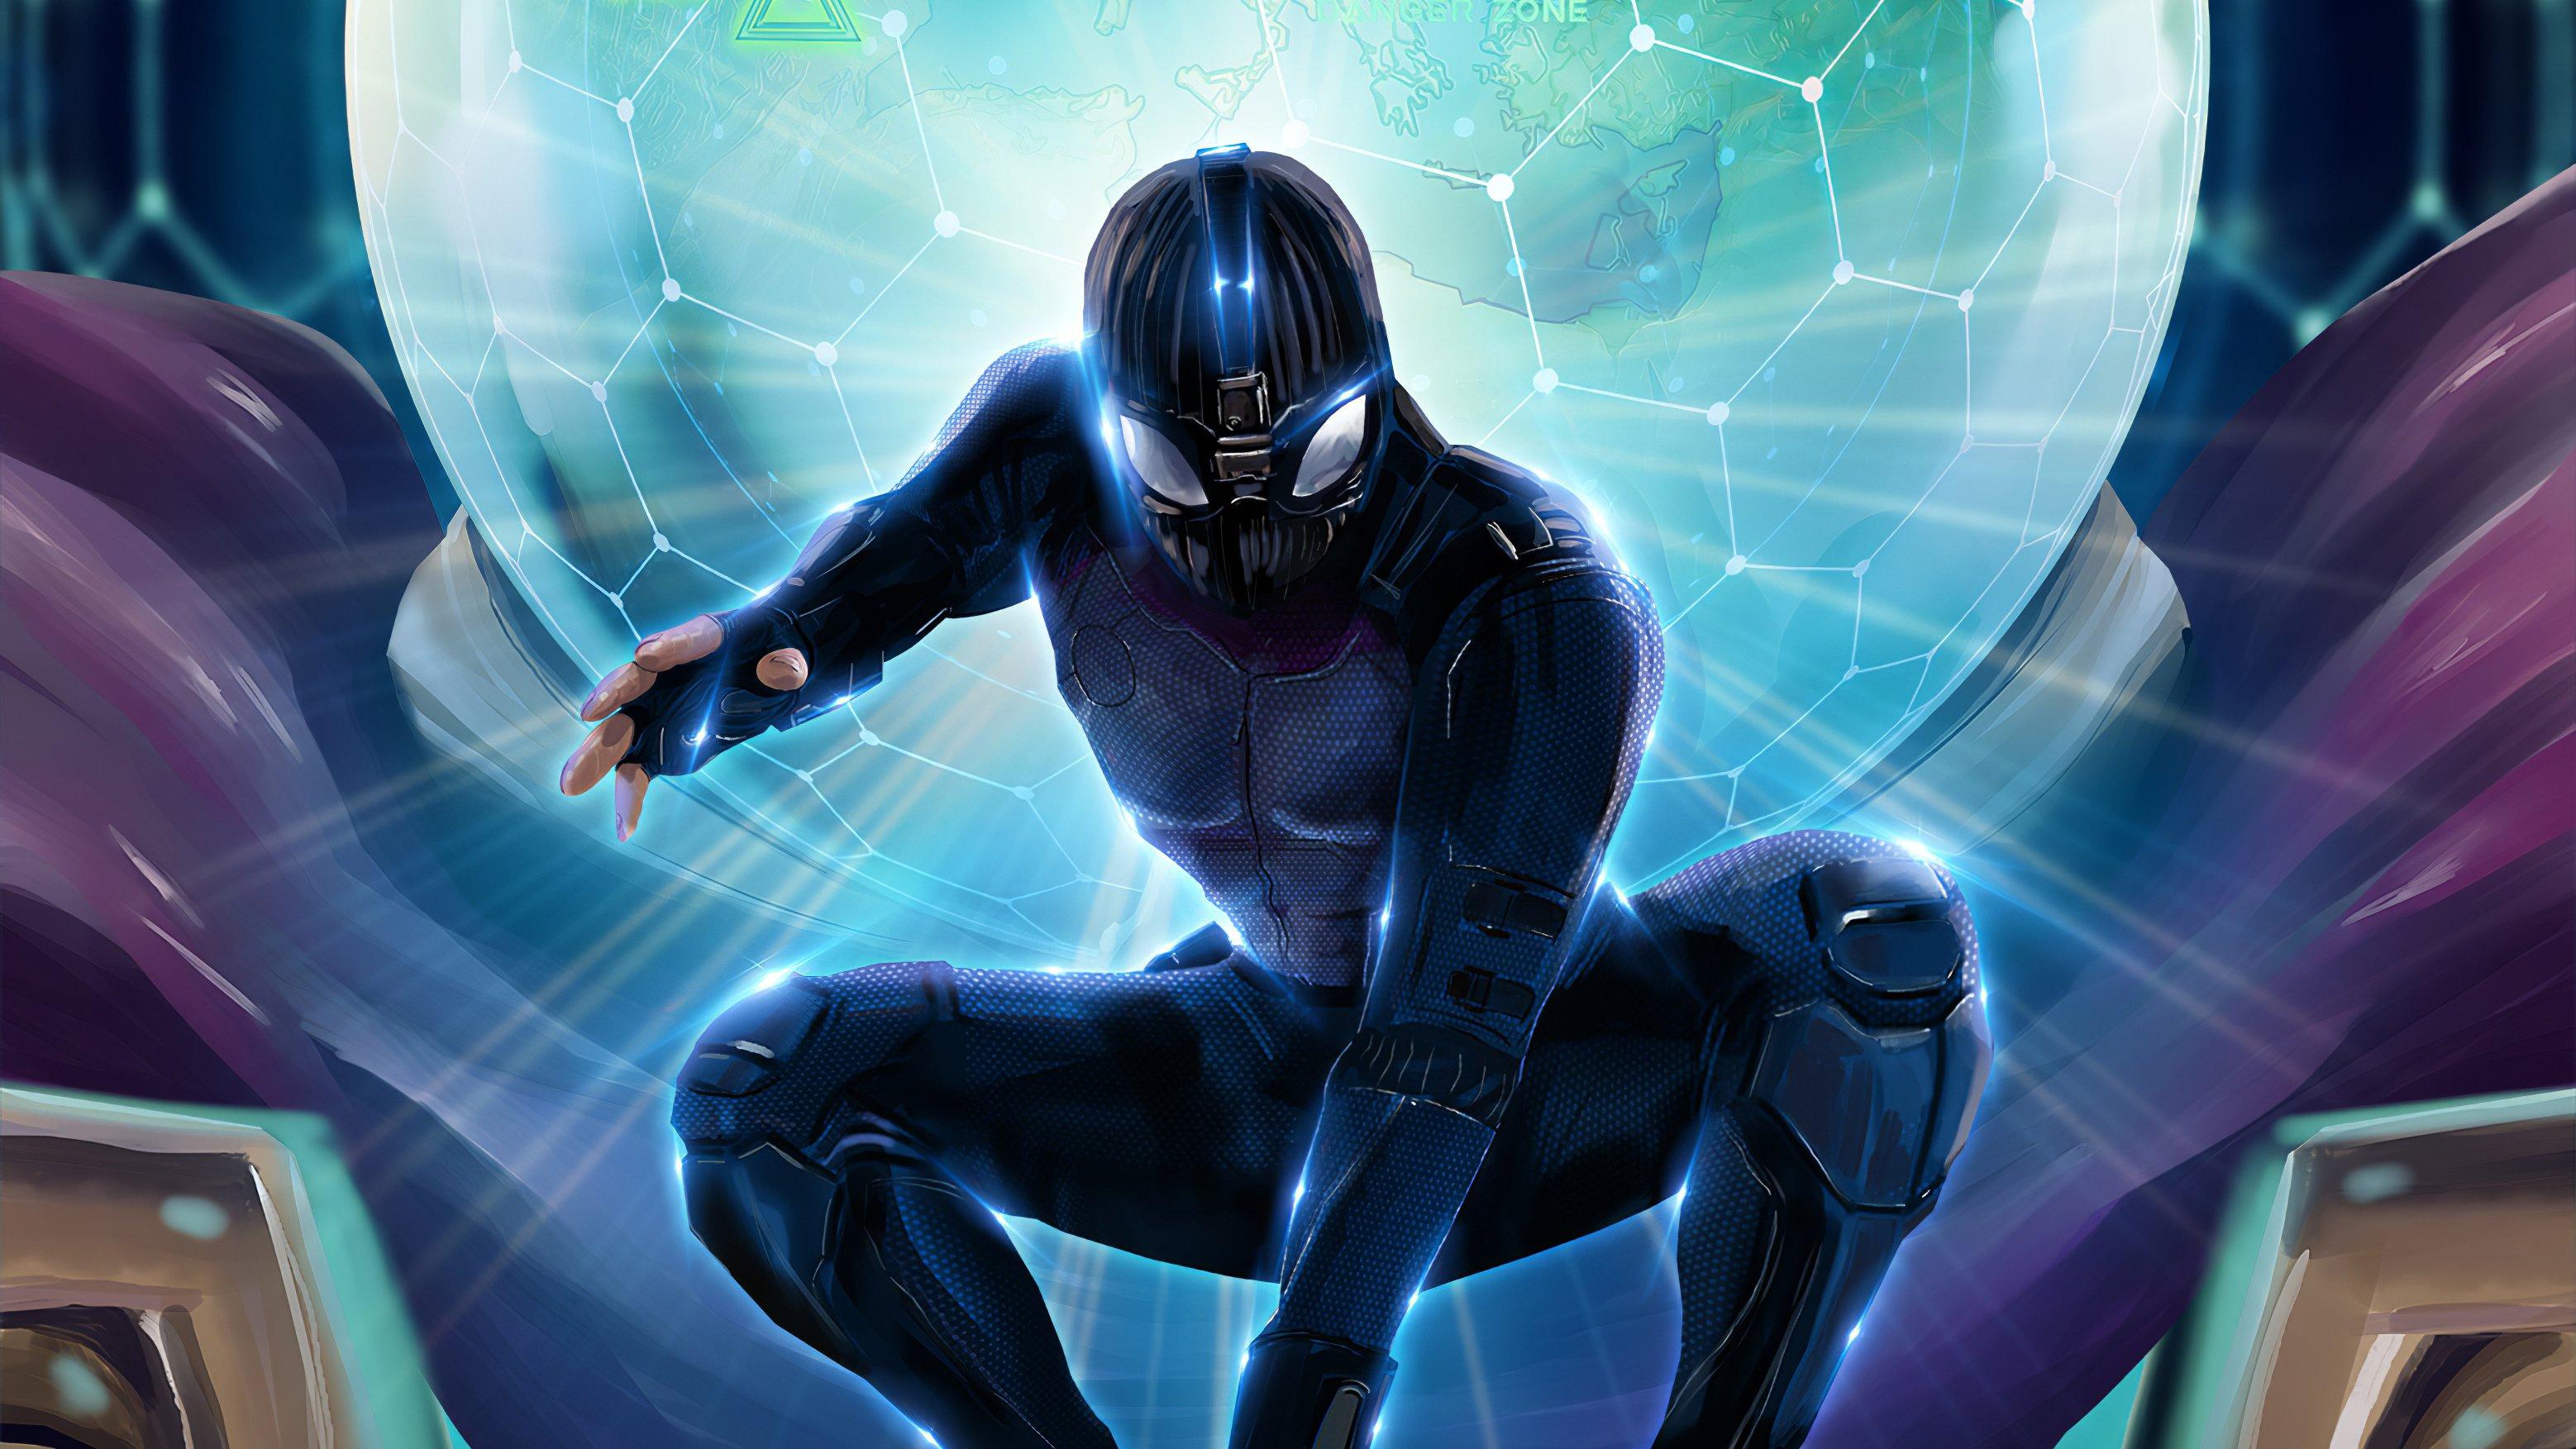 Fondos de pantalla El hombre araña con traje negro Fanart